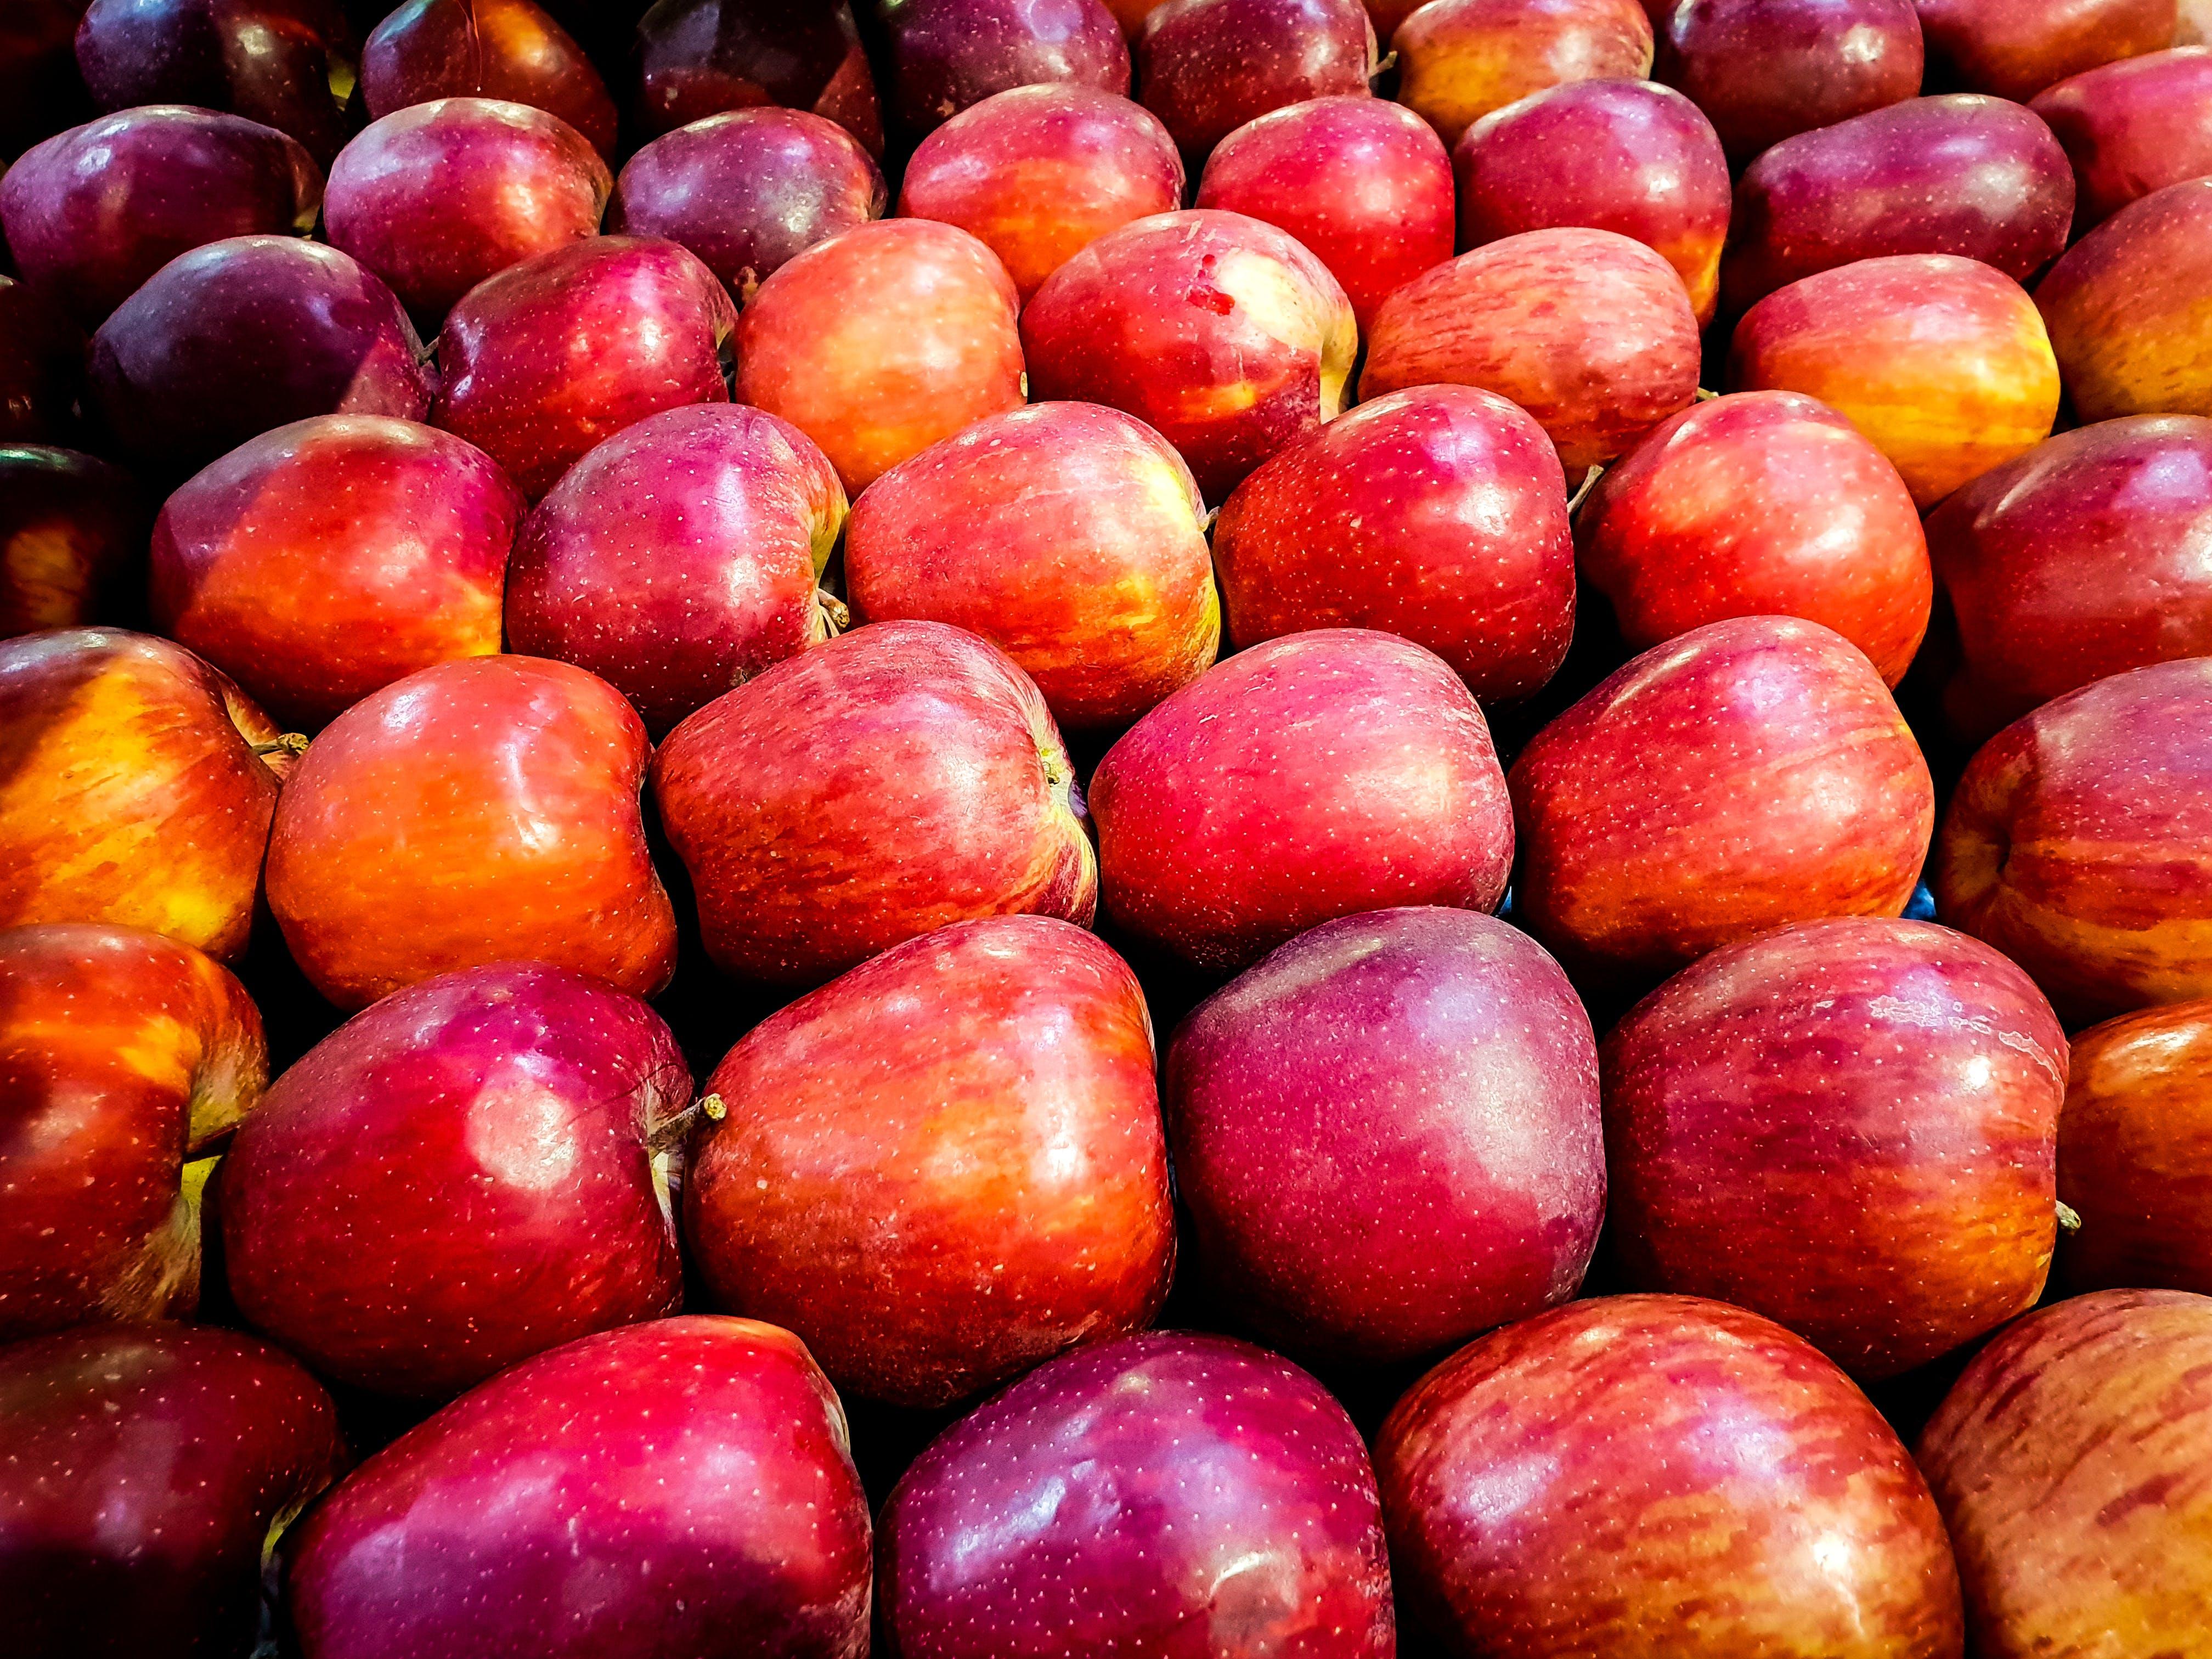 Kostenloses Stock Foto zu äpfel, frucht, hintergrund, natur